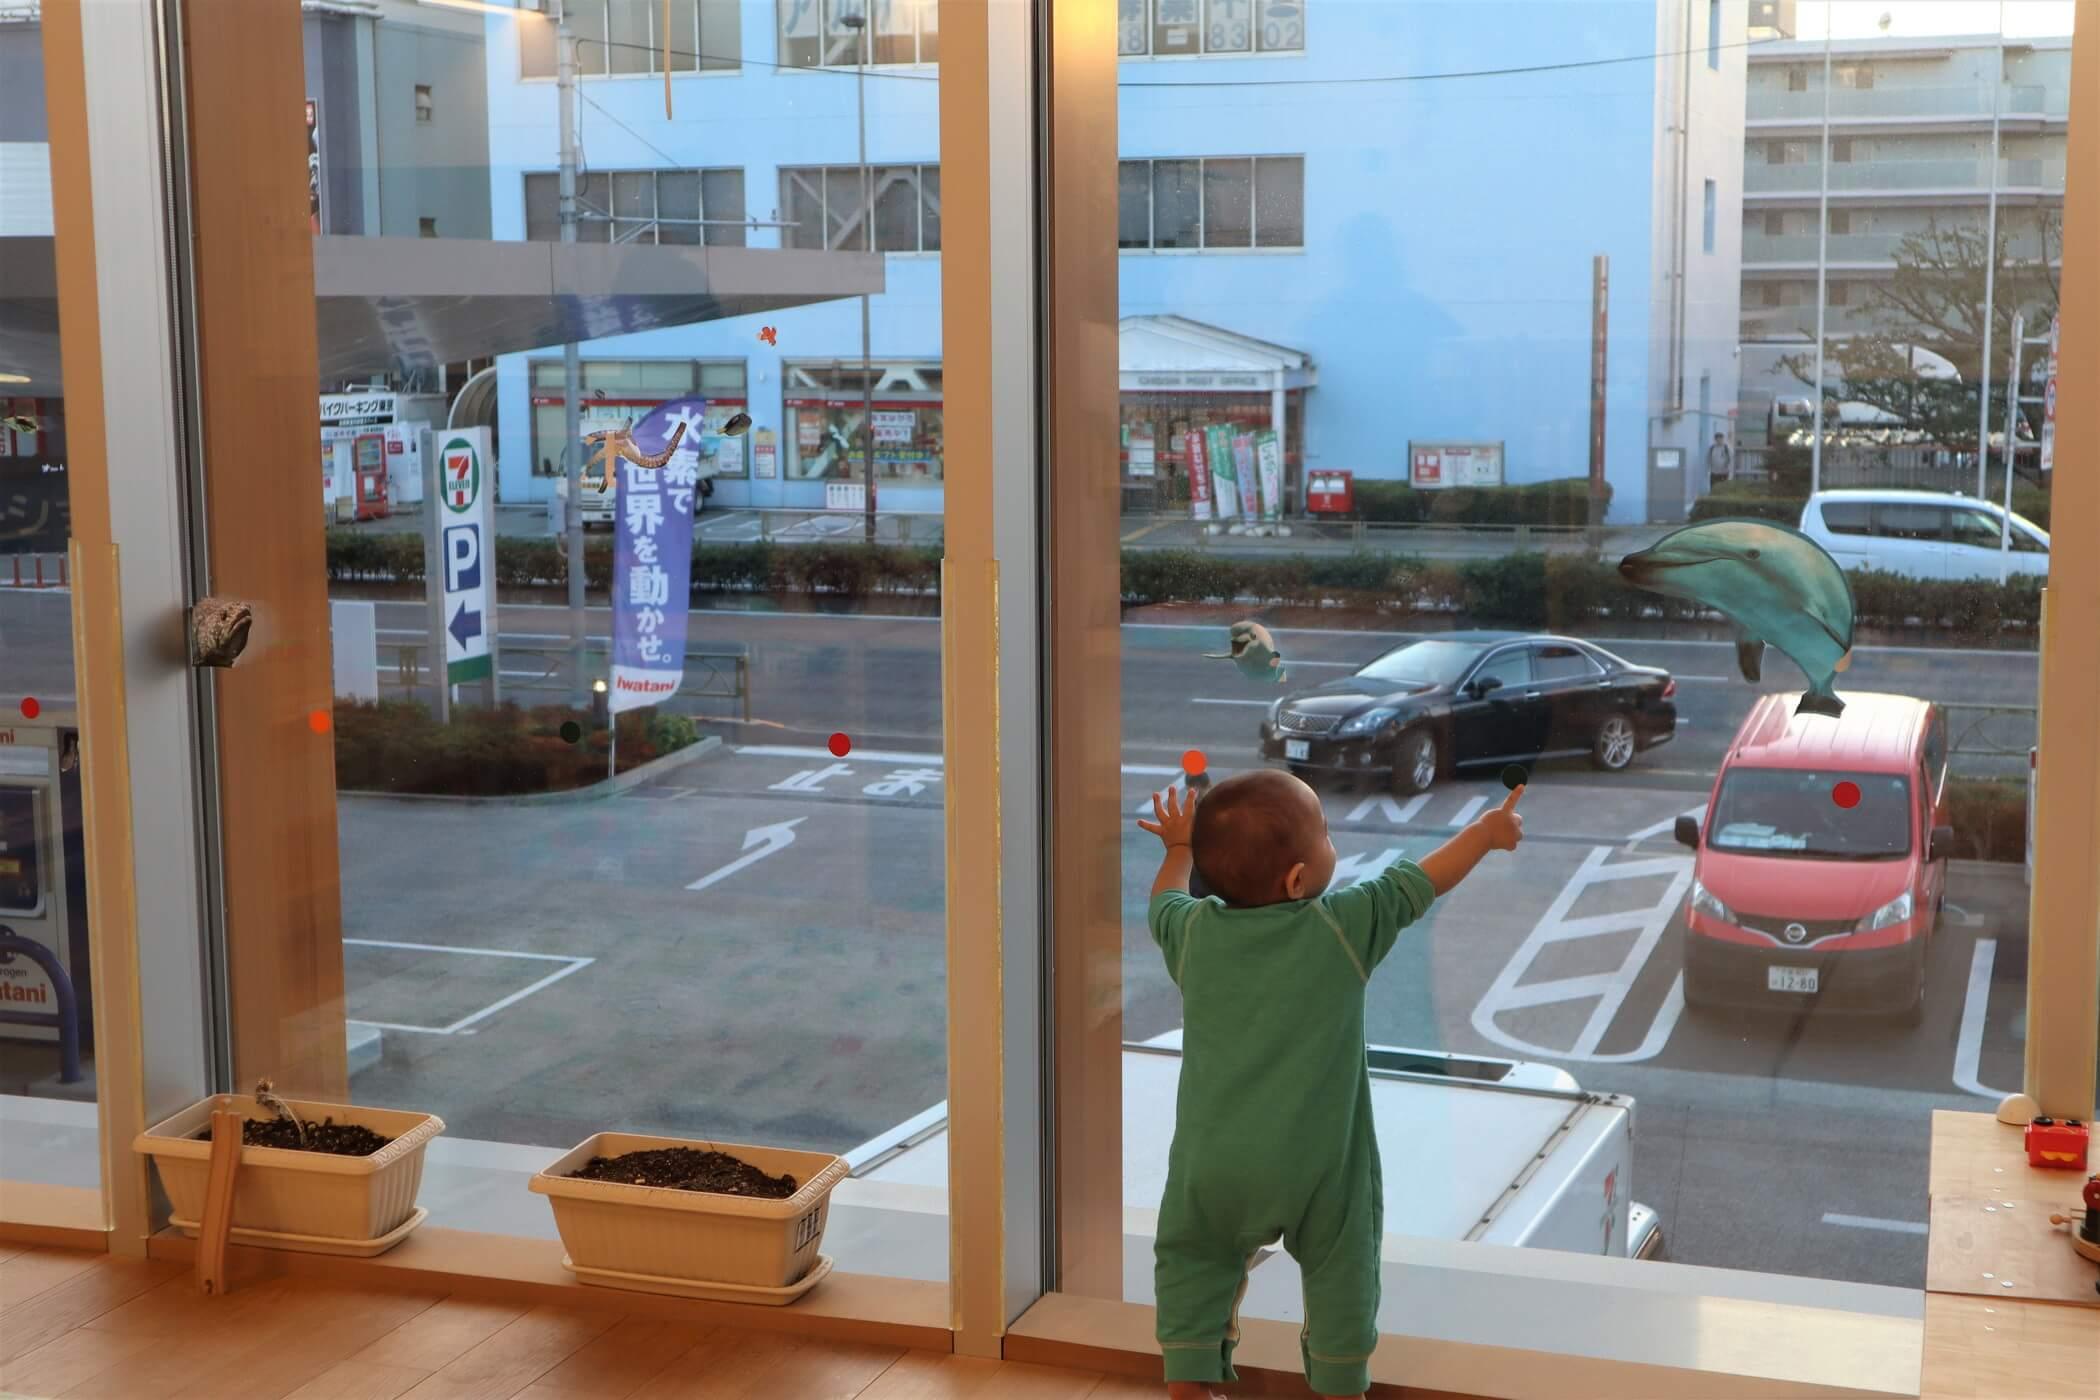 大きな窓辺で遊ぶ乳児